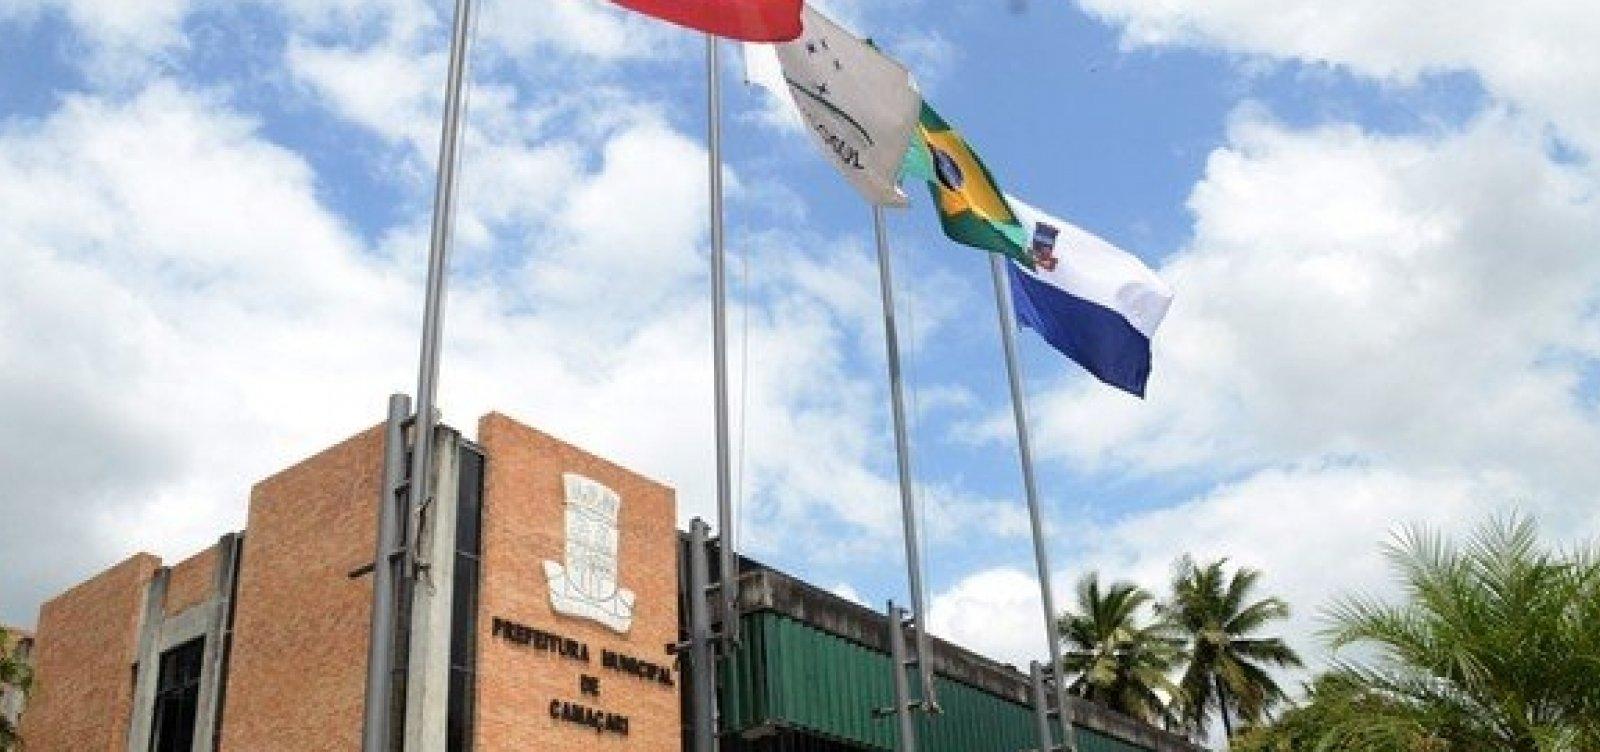 [Prefeitura de Camaçari abre inscrições para processo seletivo com 121 vagas]